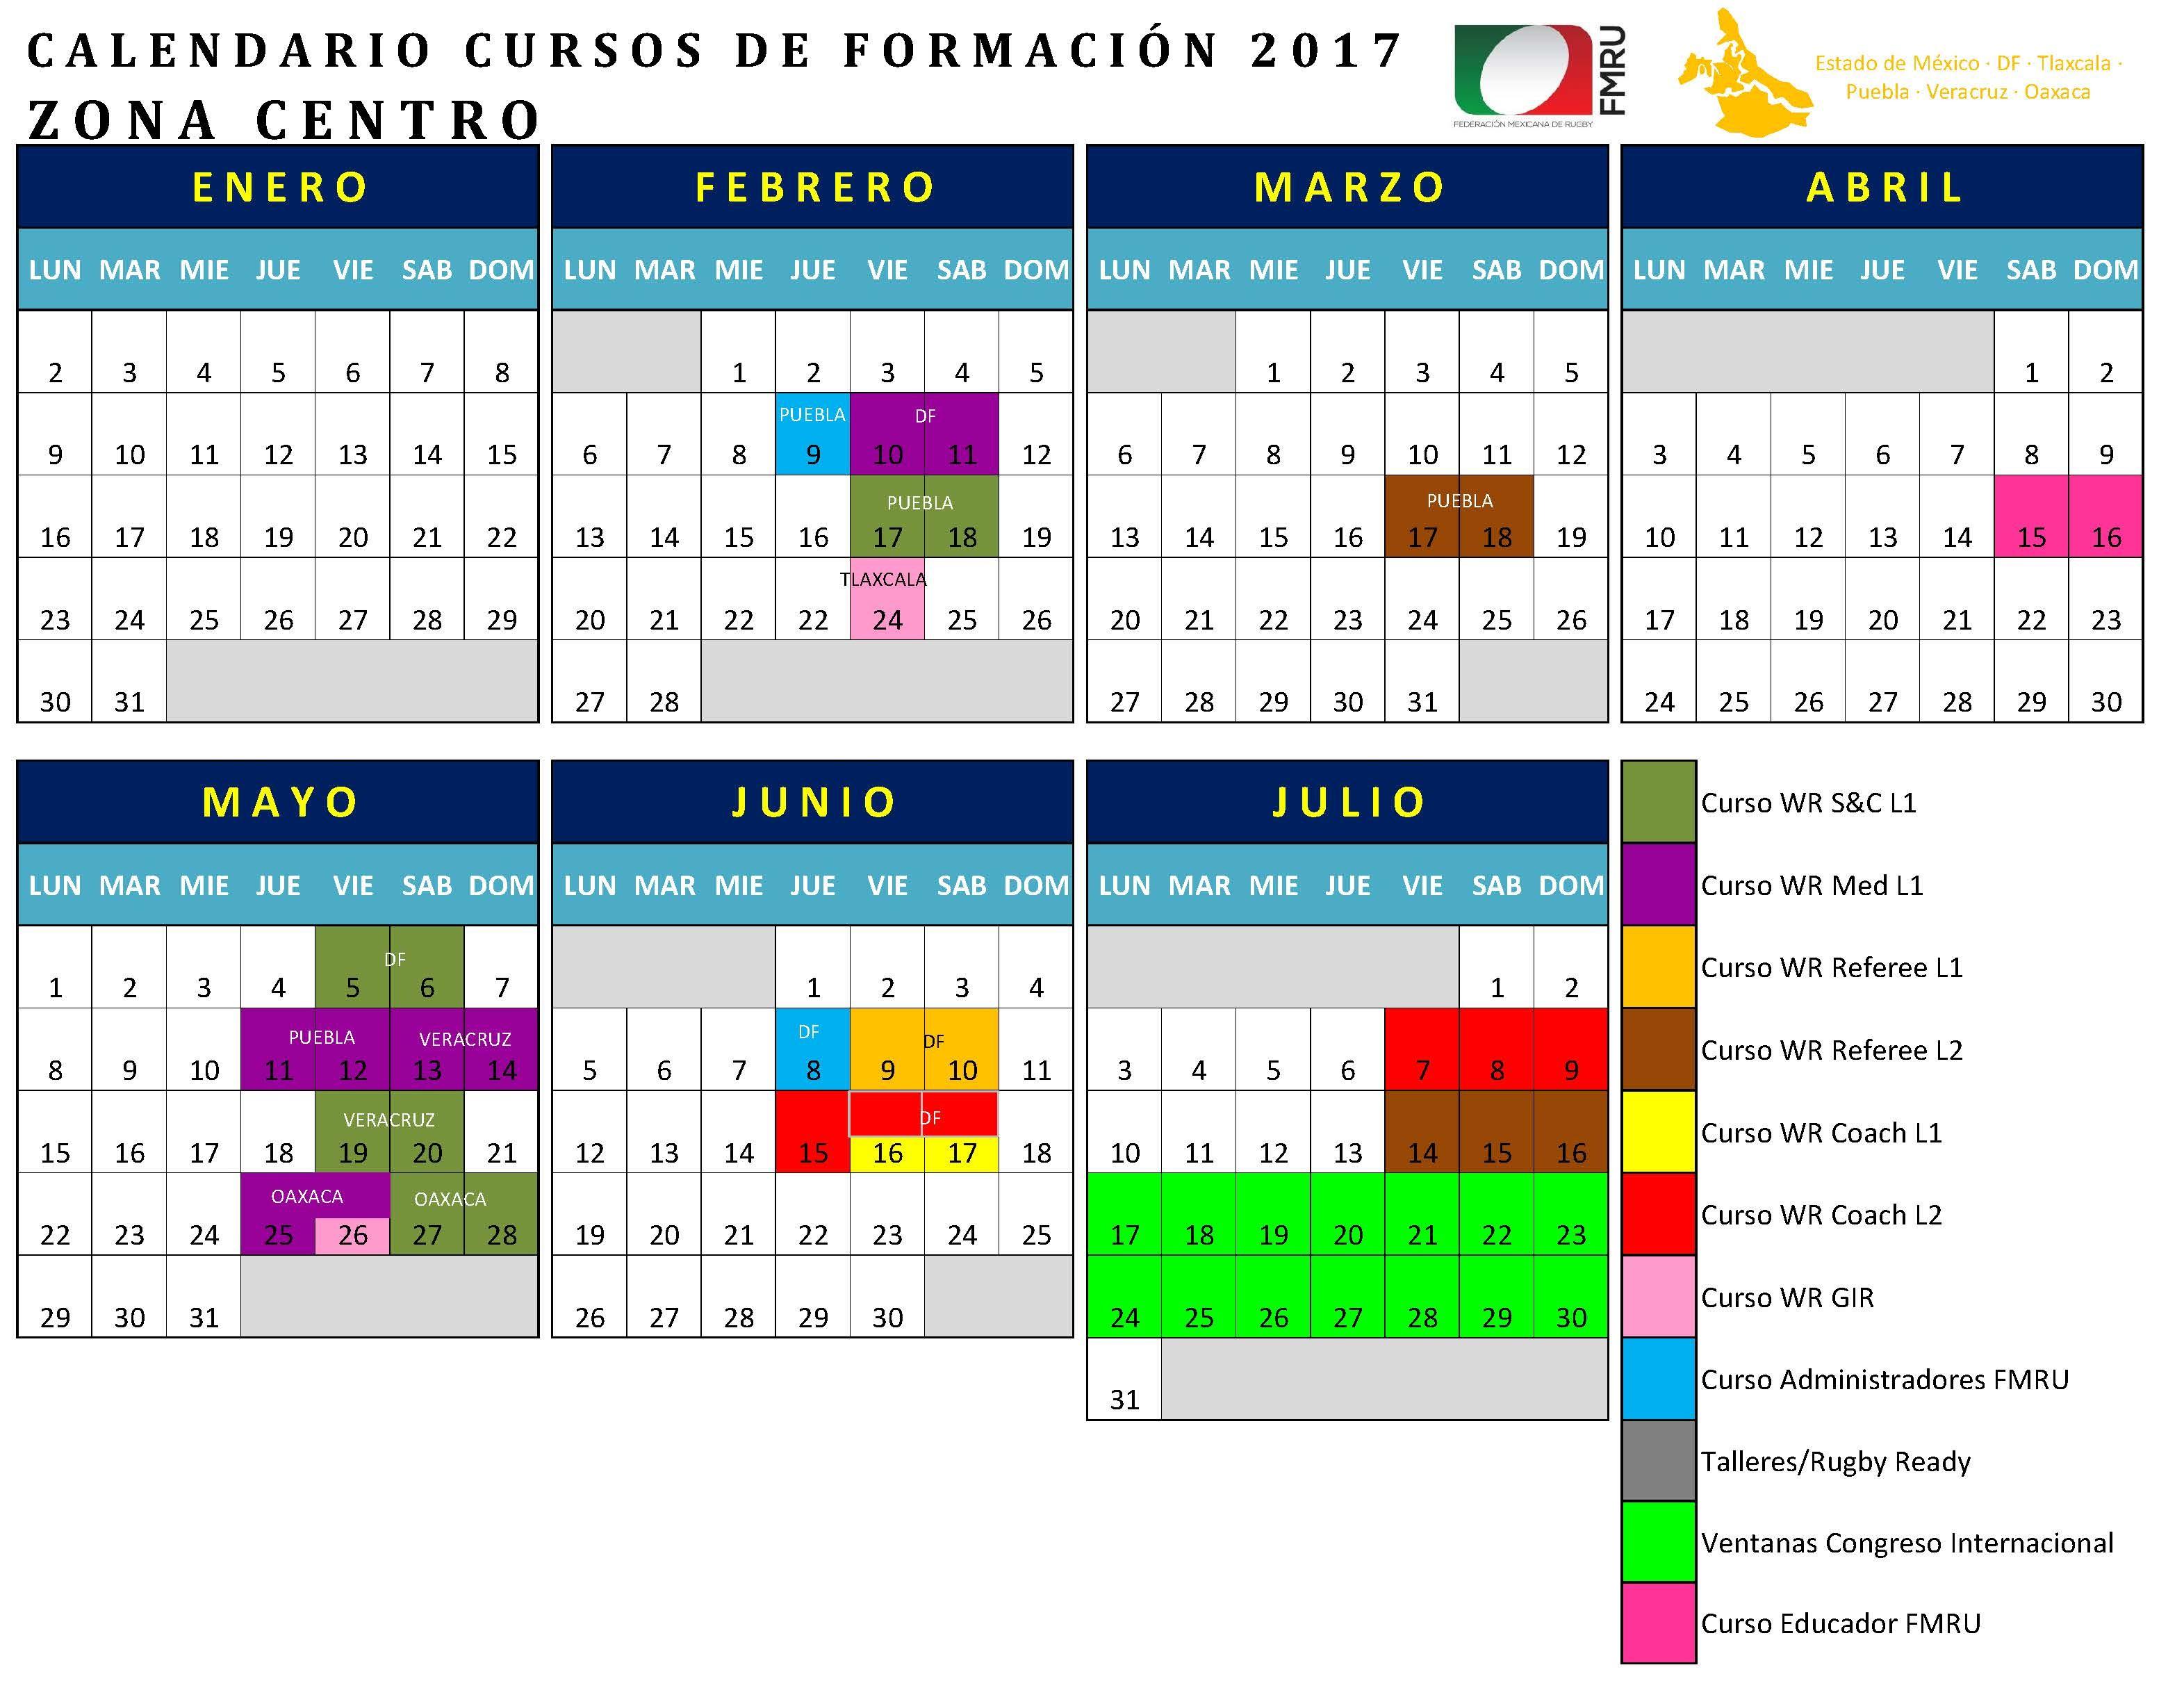 CALENDARIO FORMACIÓN 2017 Página 2